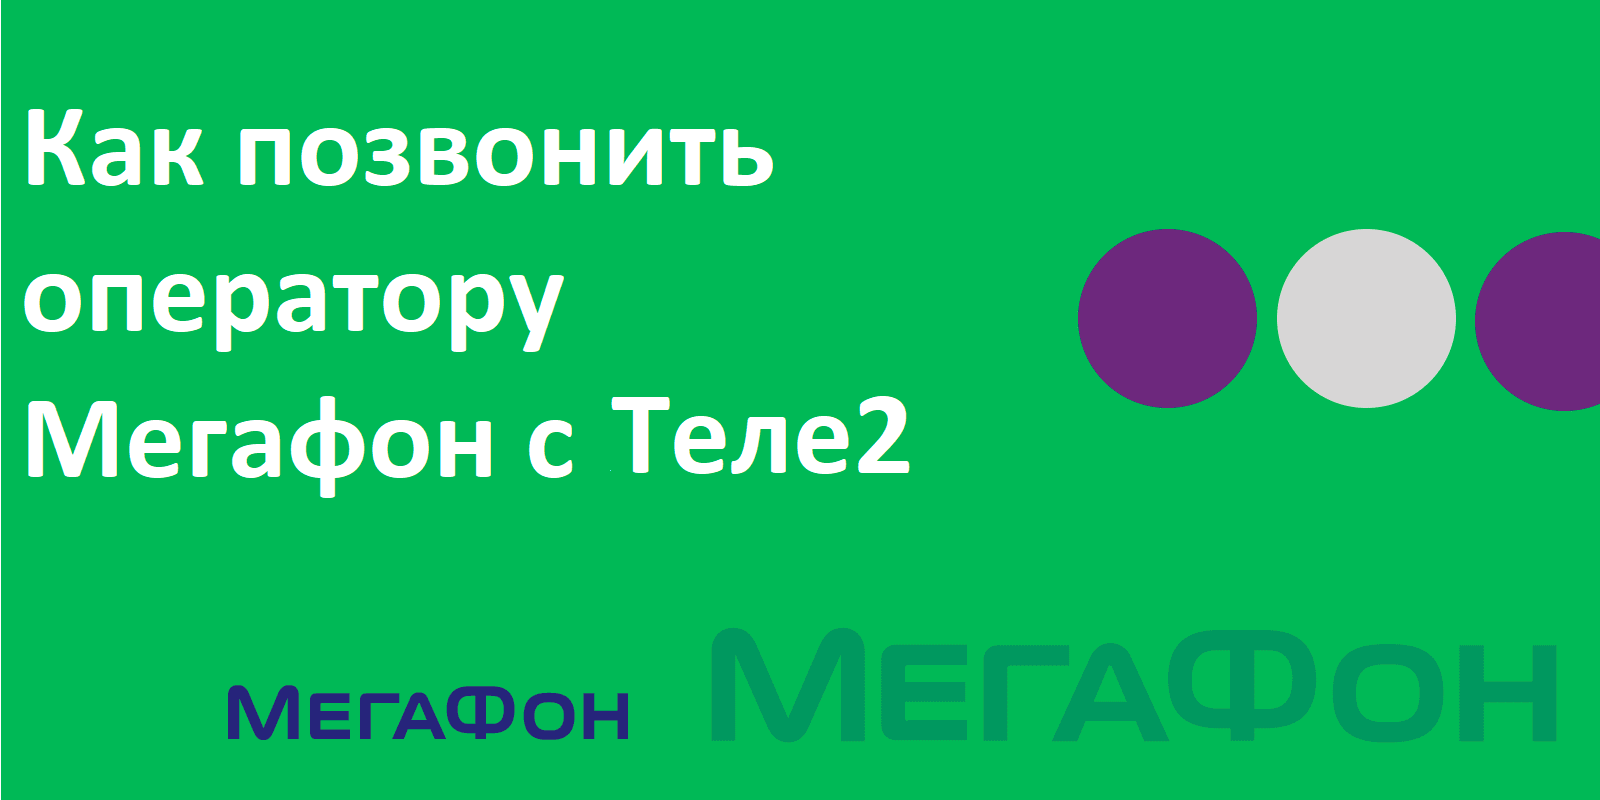 Как позвонить оператору Мегафон с Теле2